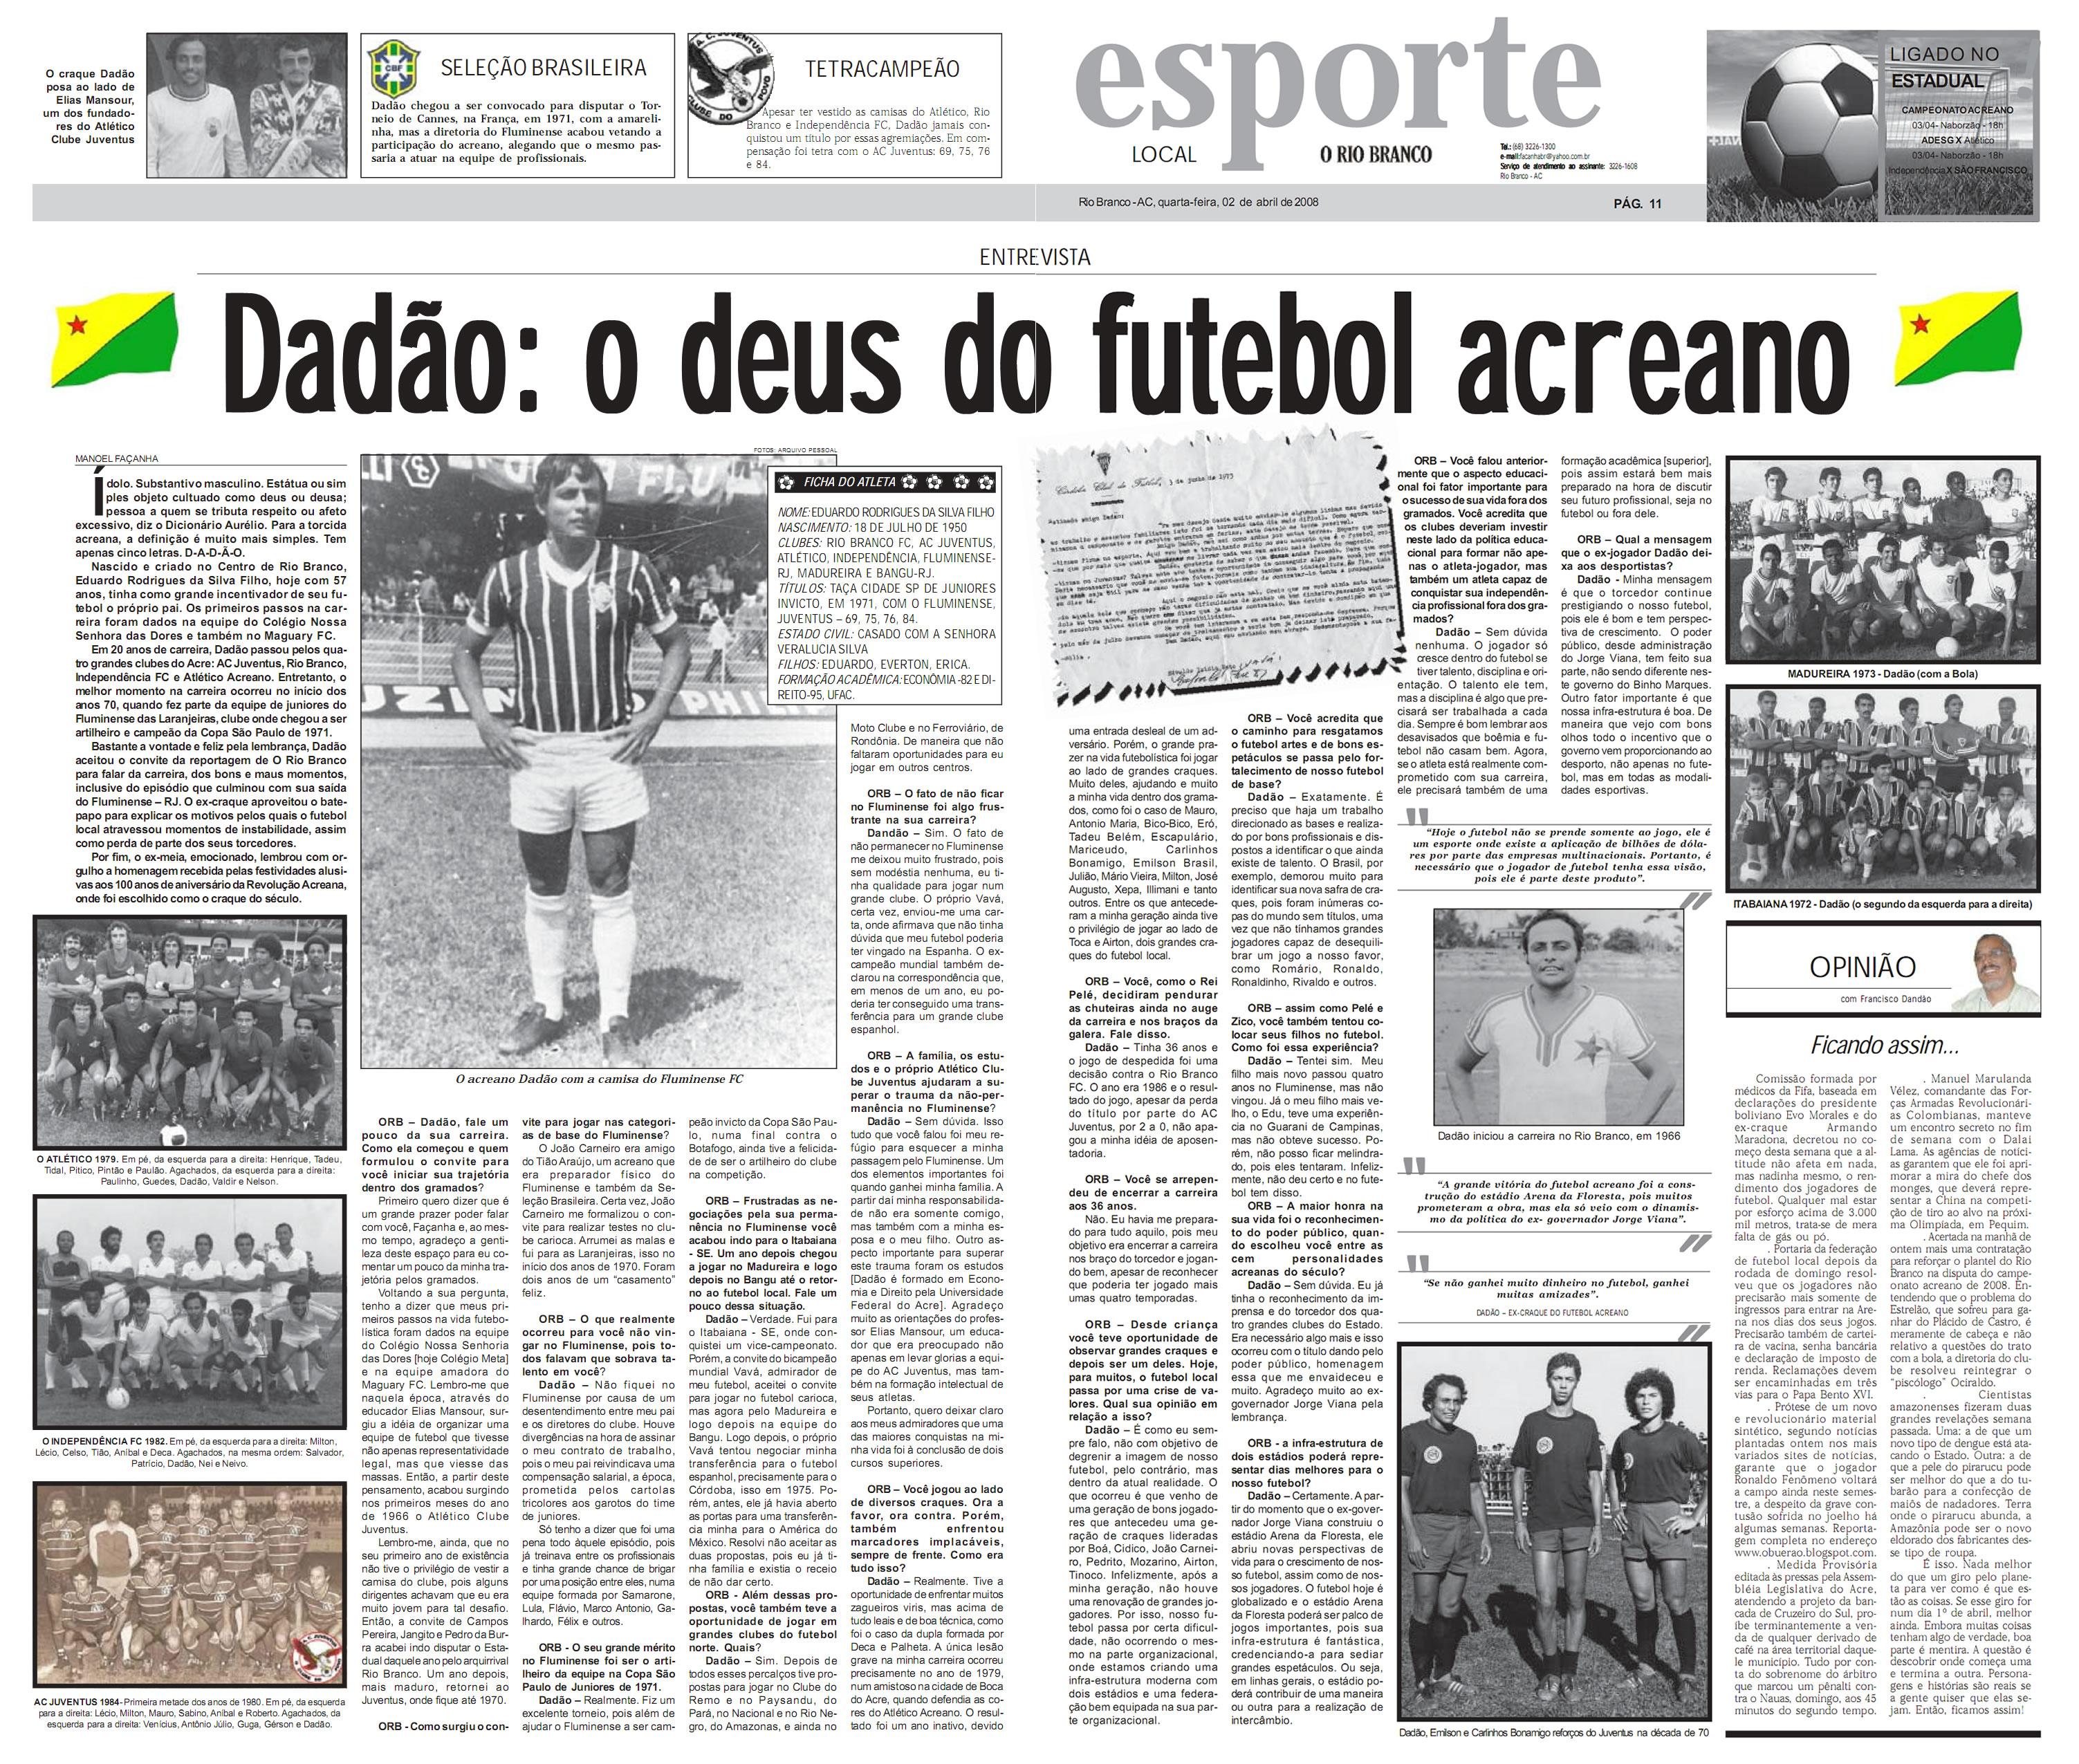 Cronistas esportivos escrevem livro sobre história do futebol acreano  2371cbea2f39d